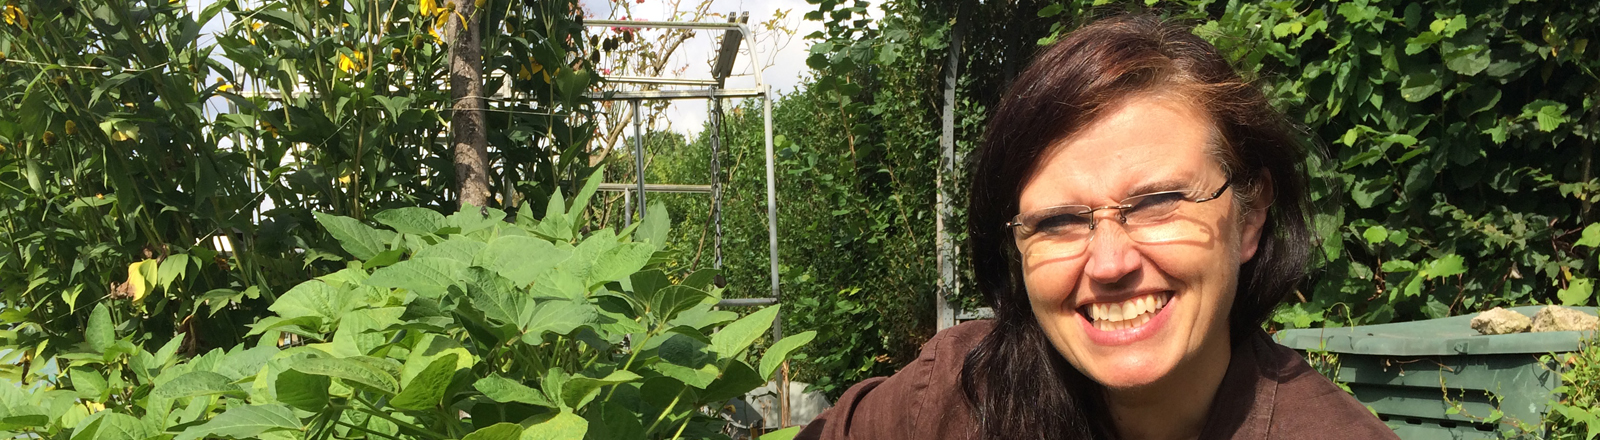 Christine O'Hara vor ihren Sojapflanzen